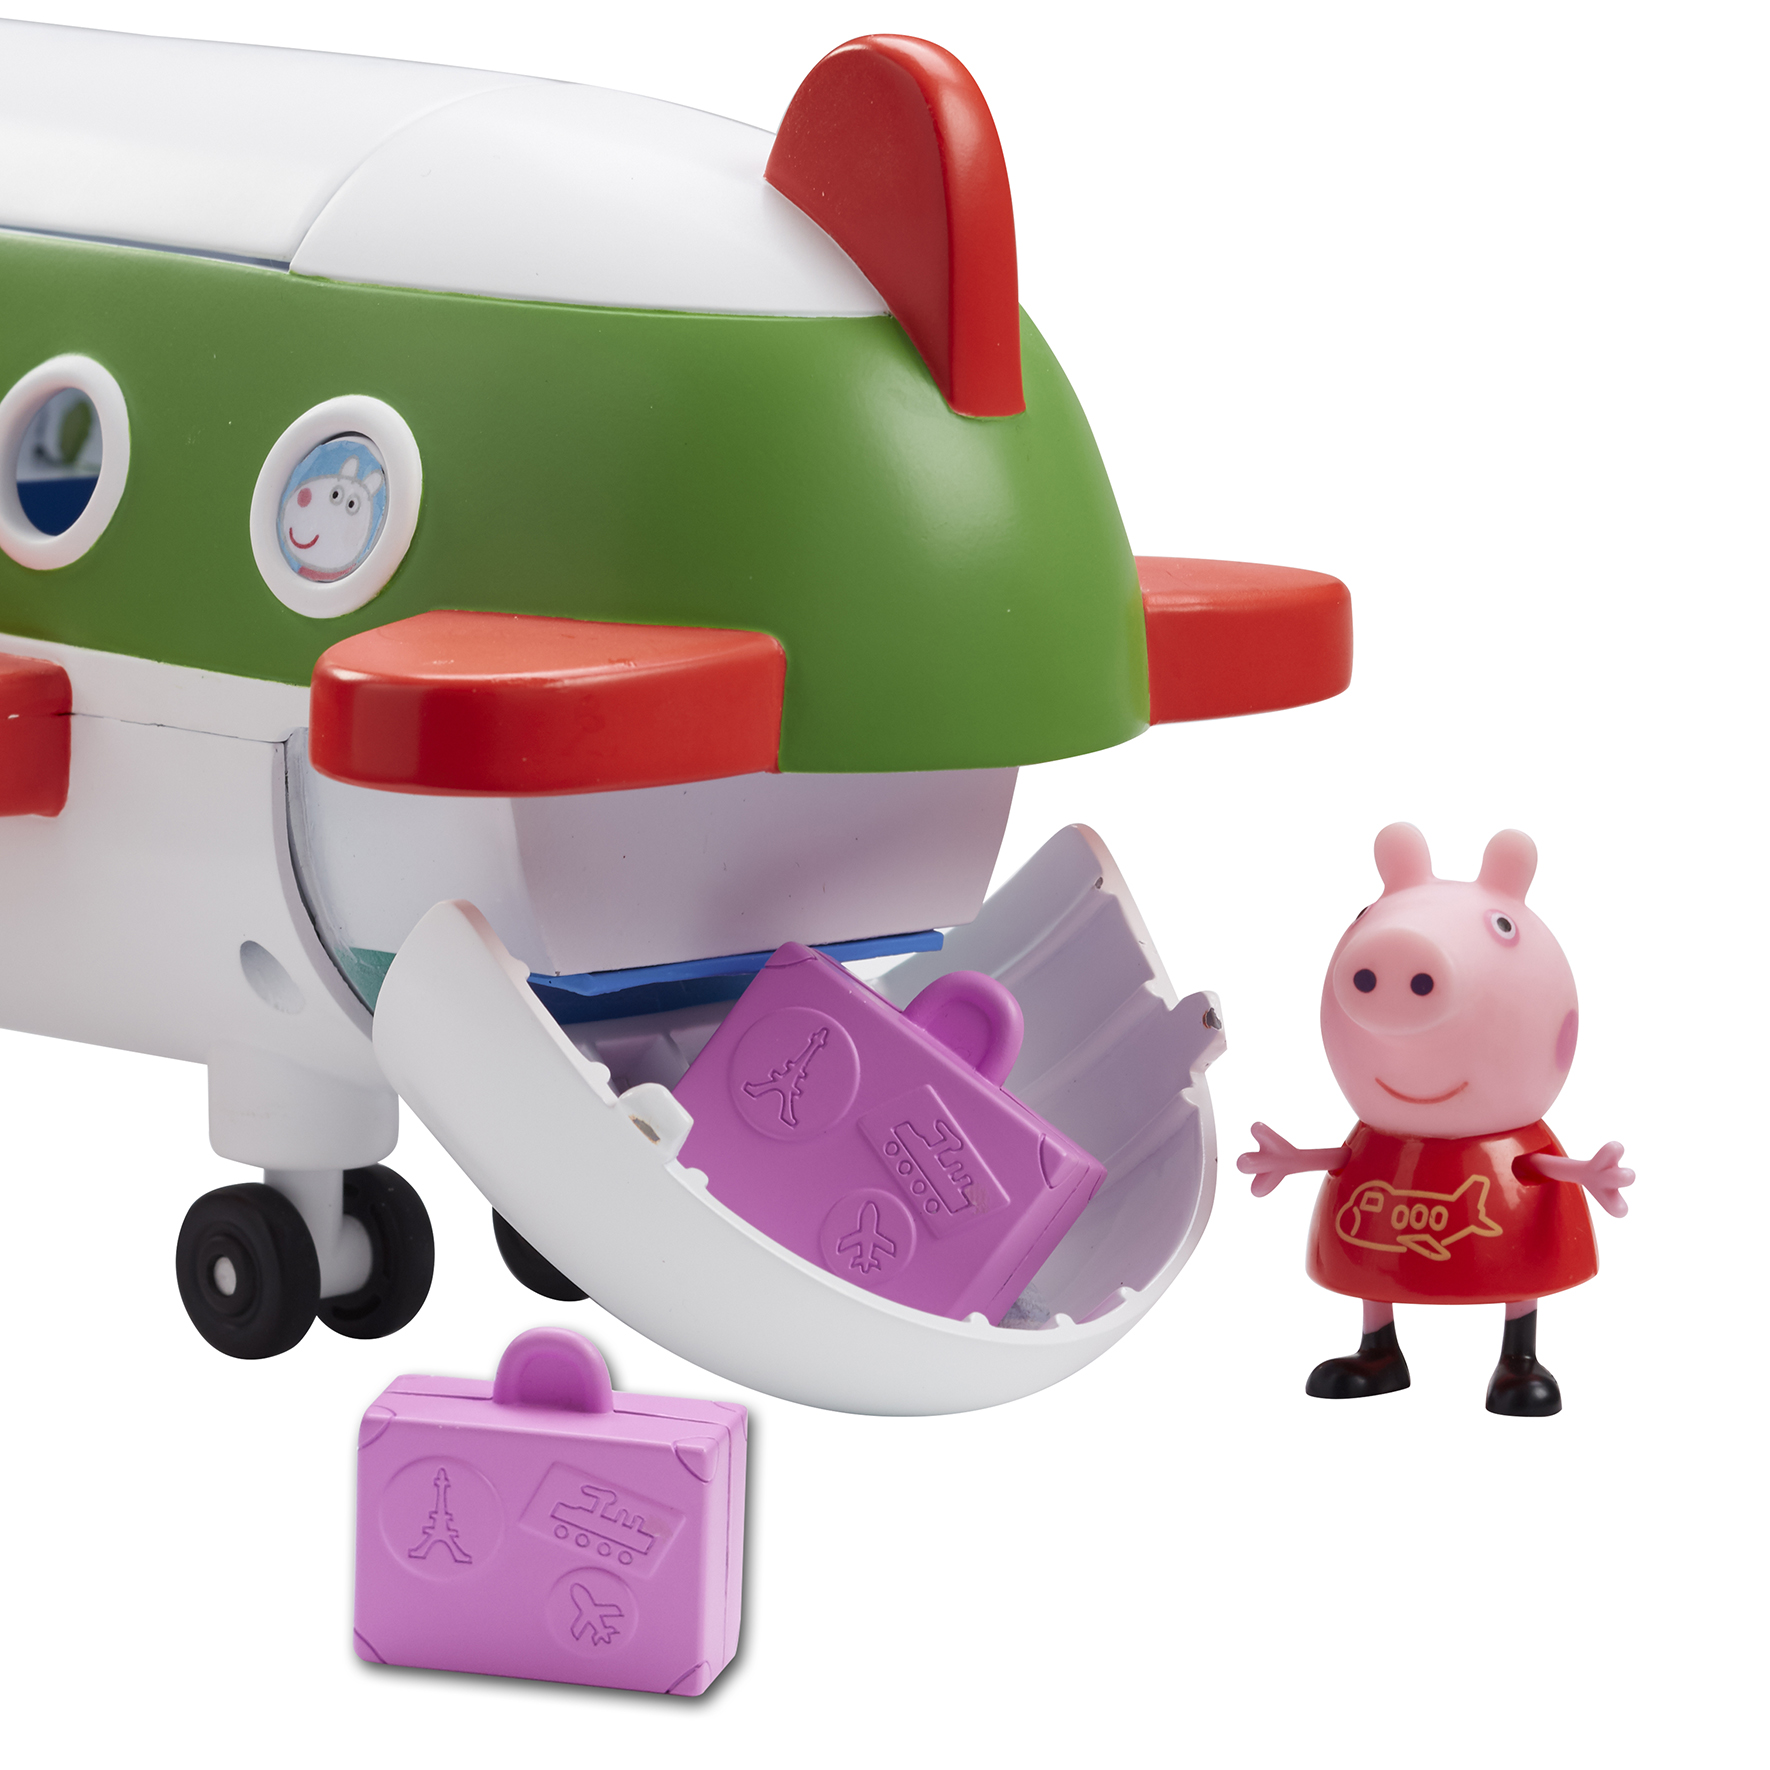 Gurli Gris - Jet Fly med Gurli Gris figur